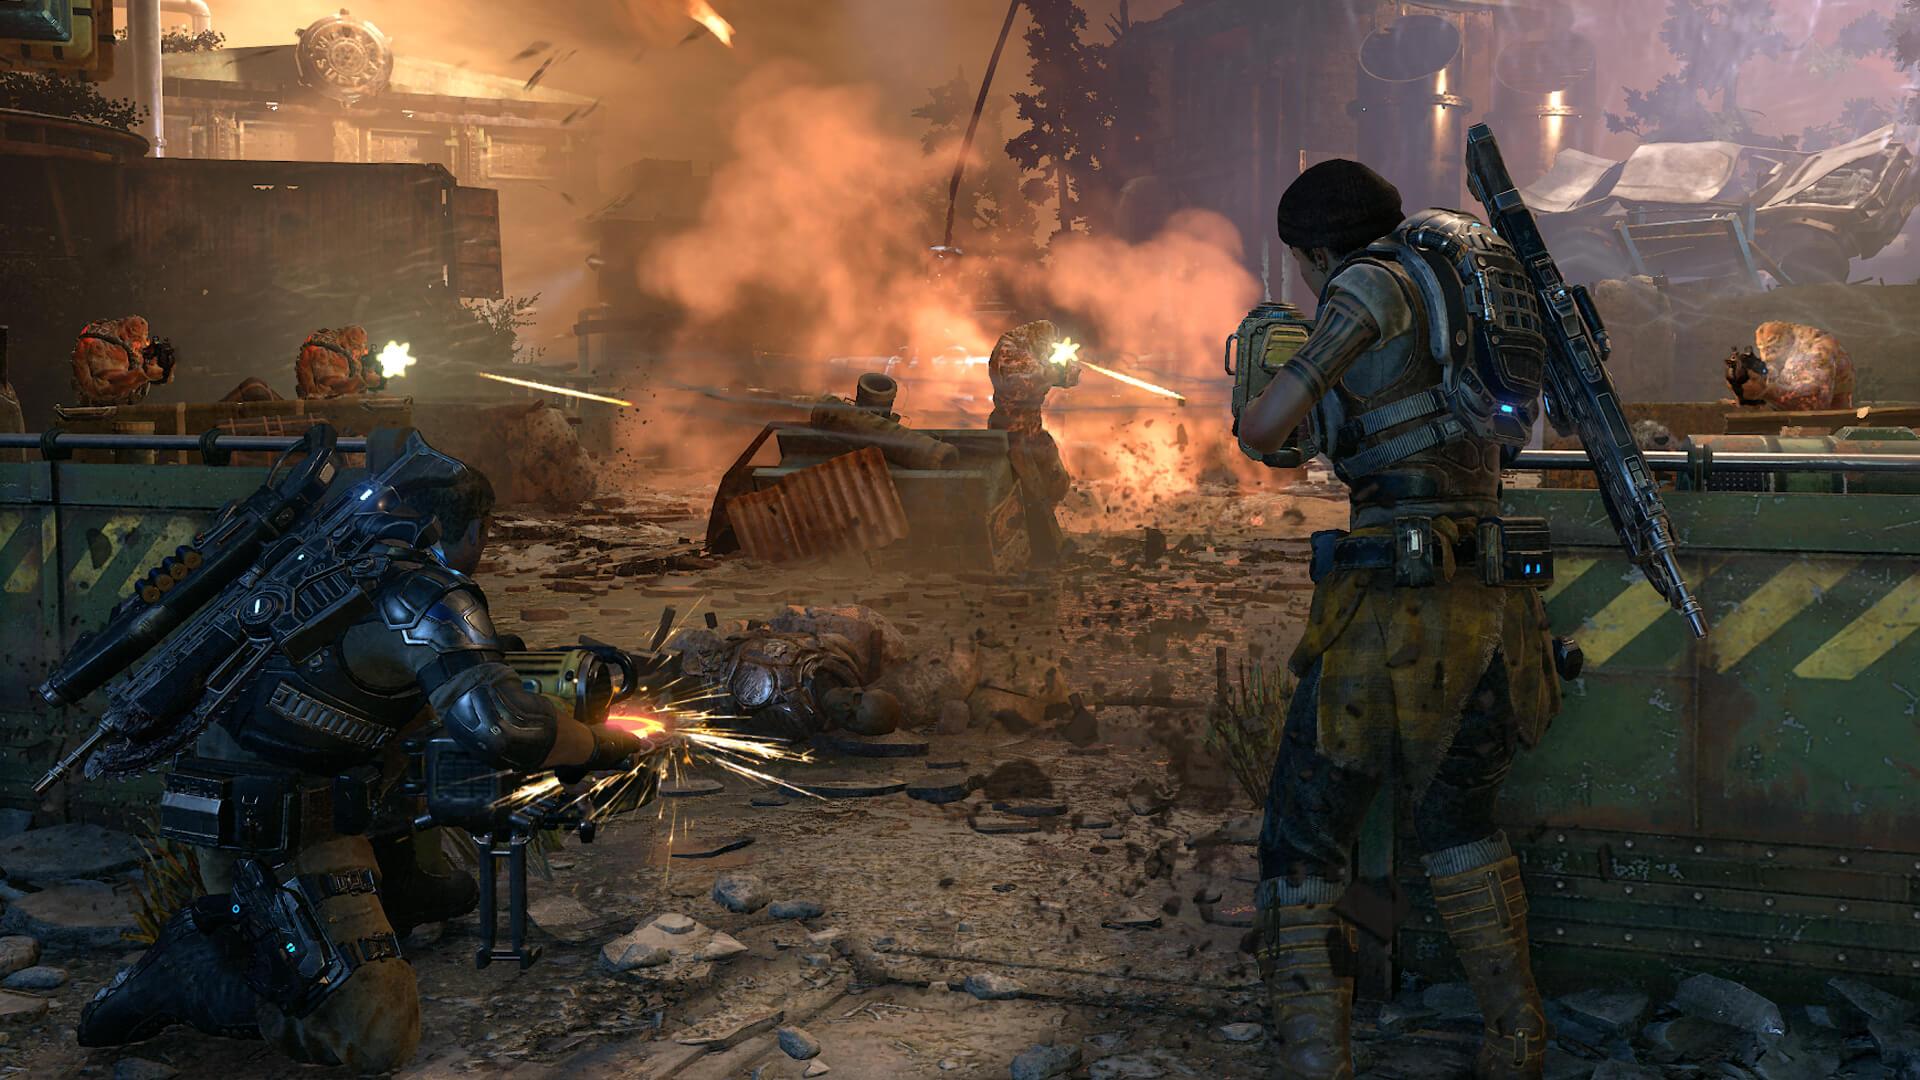 Análise do Gears of War 4